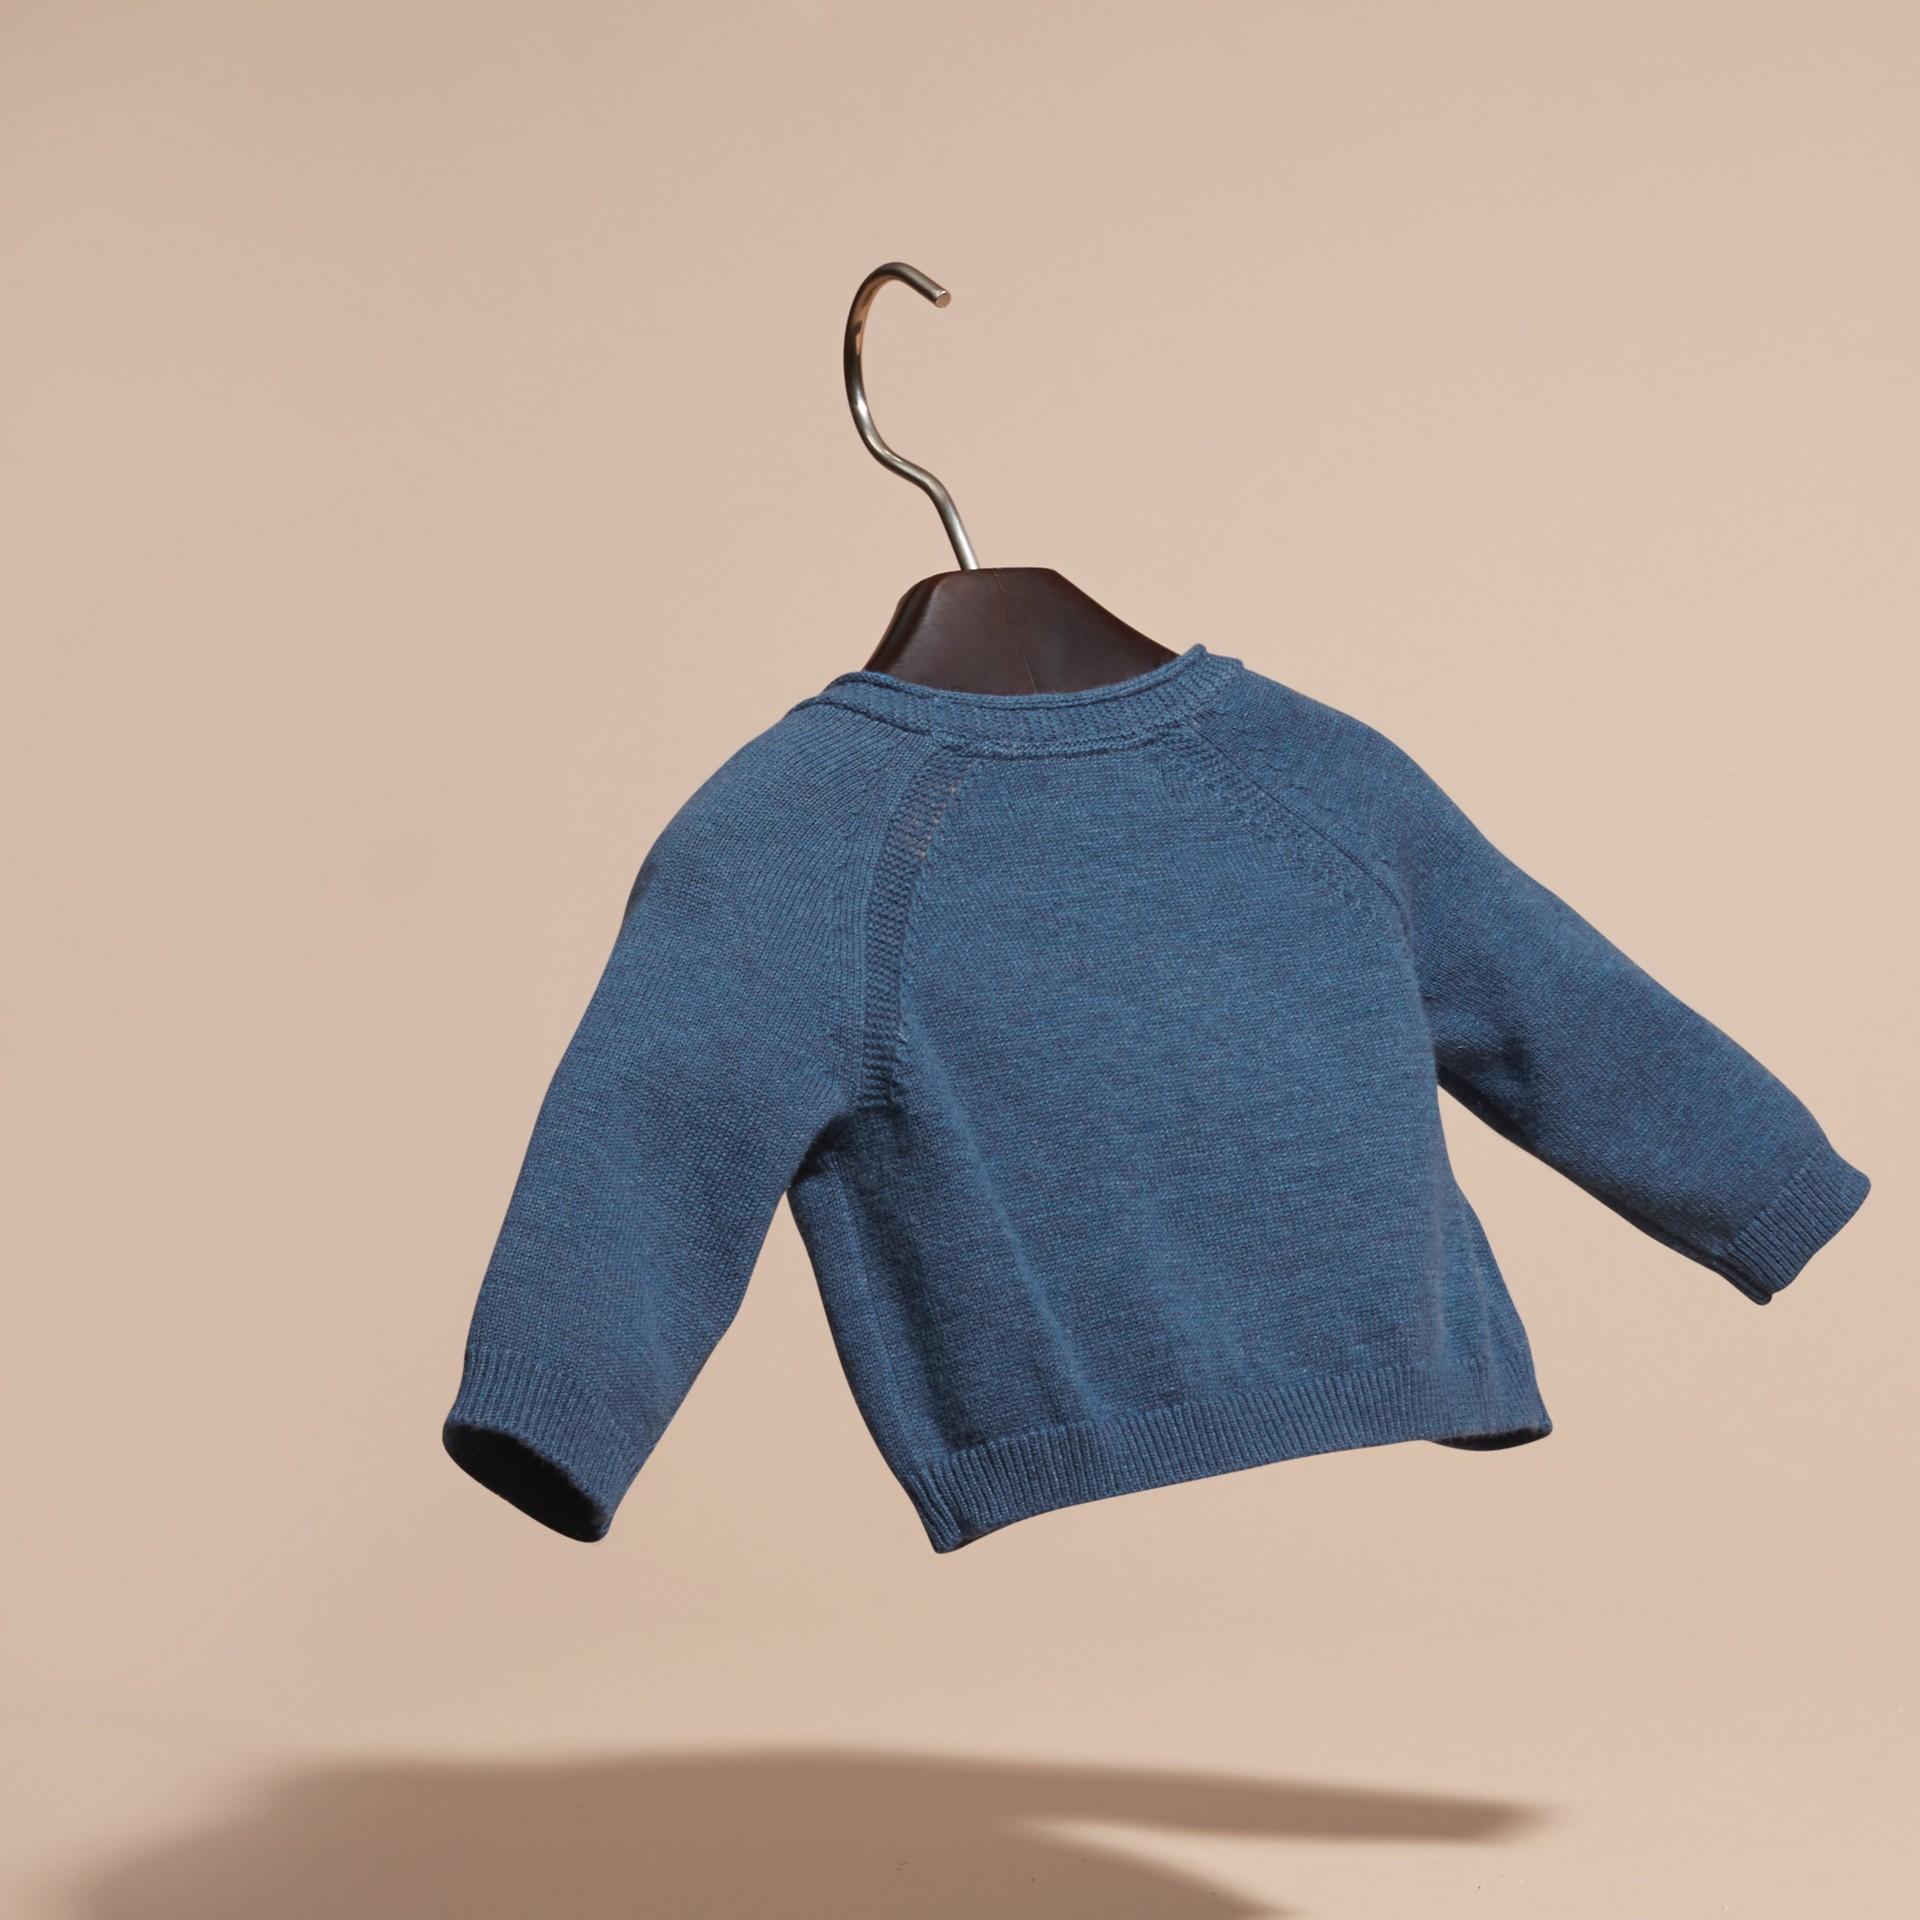 Blu acciaio intenso Cardigan in cashmere e cotone con scollo a V Blu Acciaio Intenso - immagine della galleria 4